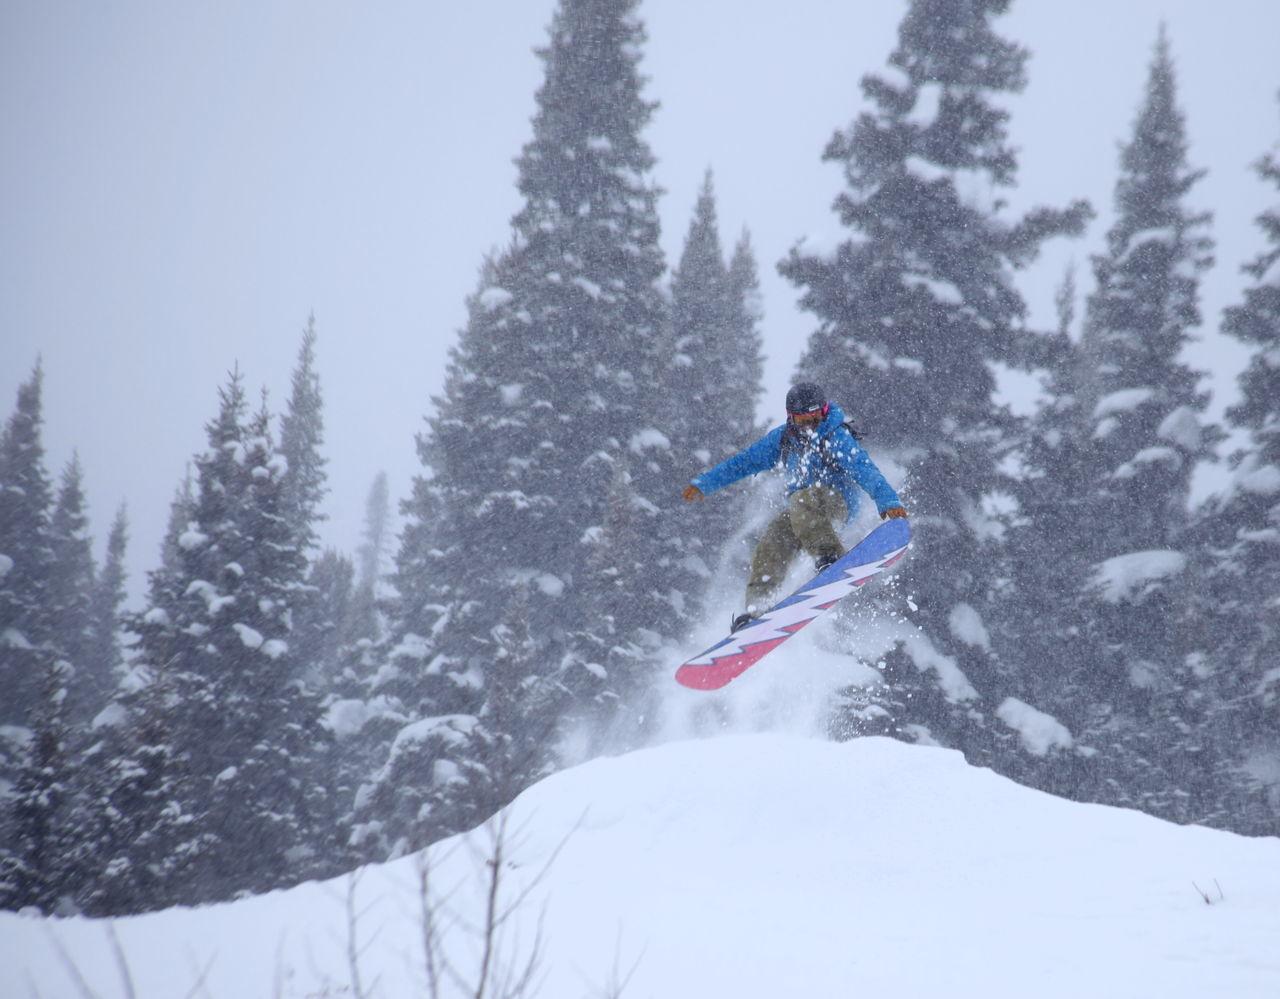 Adventure Burton Snowboards Jackson Hole Mountain Mountain Sports Outdoors Powder Snow Powderdays Shred Snow Snowboarding Winter